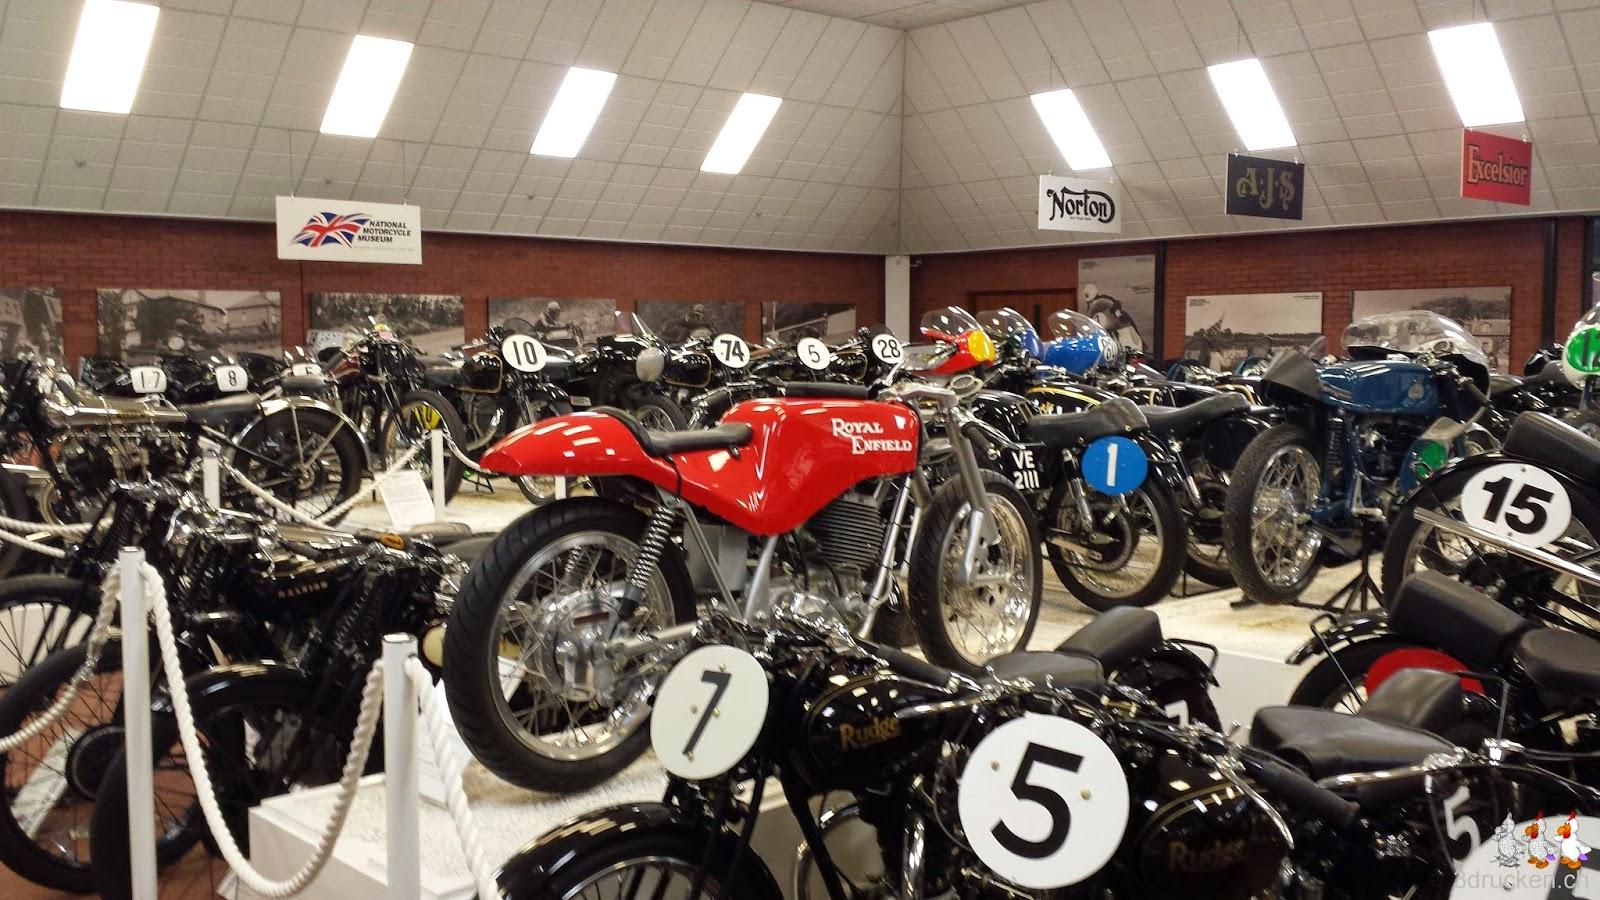 Foto von Rennmaschinen in der Ausstellung im British Motorcycle Museum